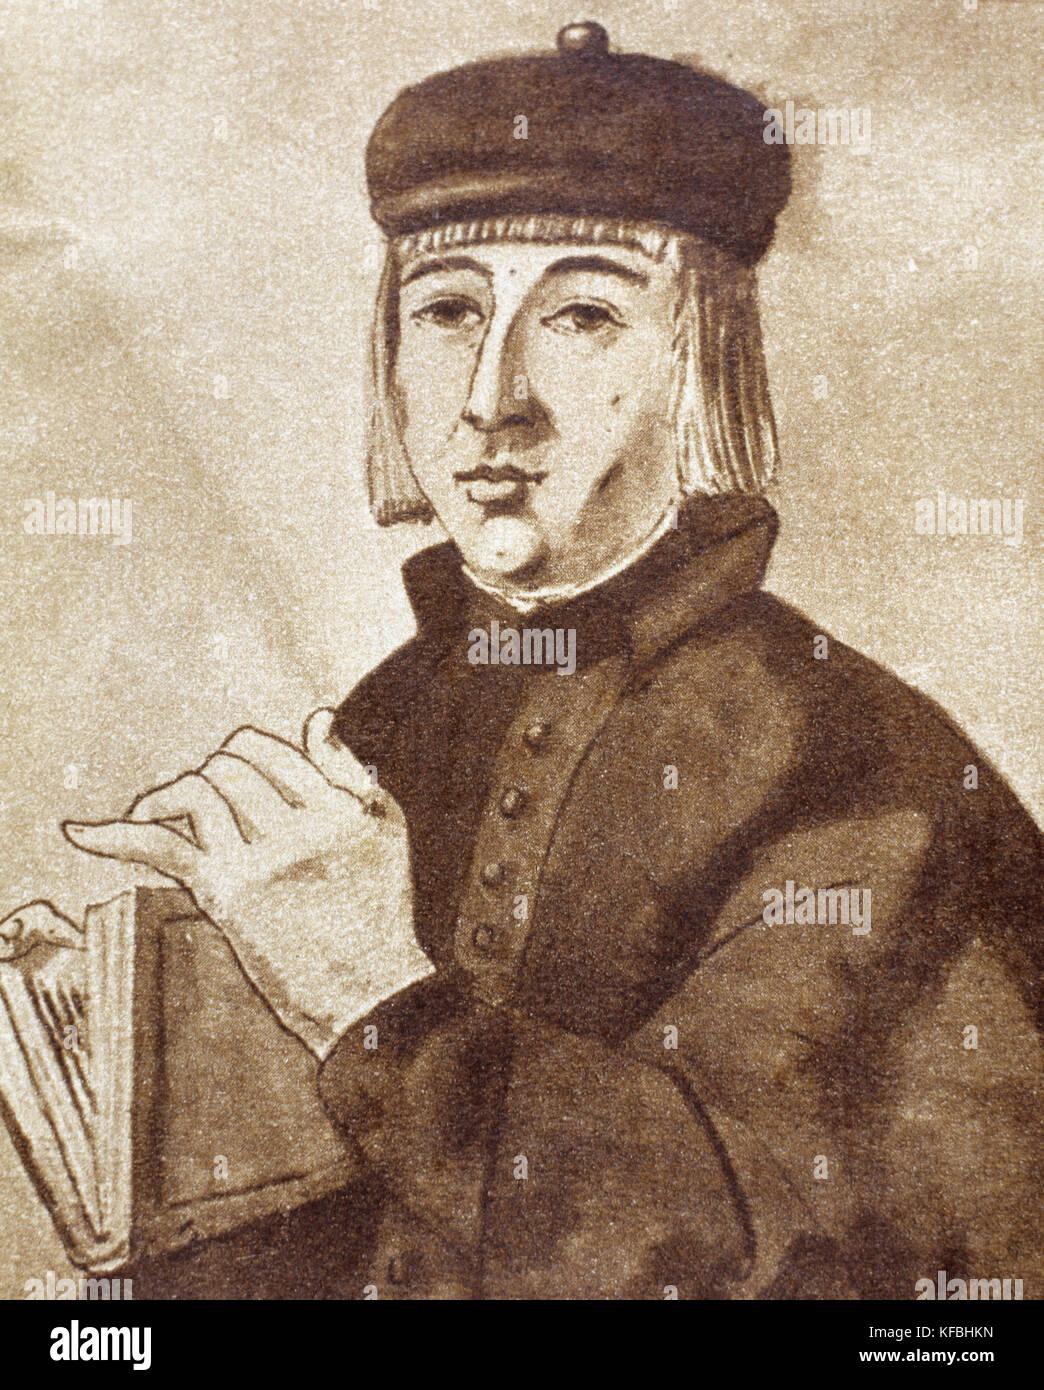 Juan Ruiz (ca.1283-ca. 1350), noto come arciprete di Hita (Arcipreste de Hita). medievale poeta spagnolo. ritratto. Immagini Stock